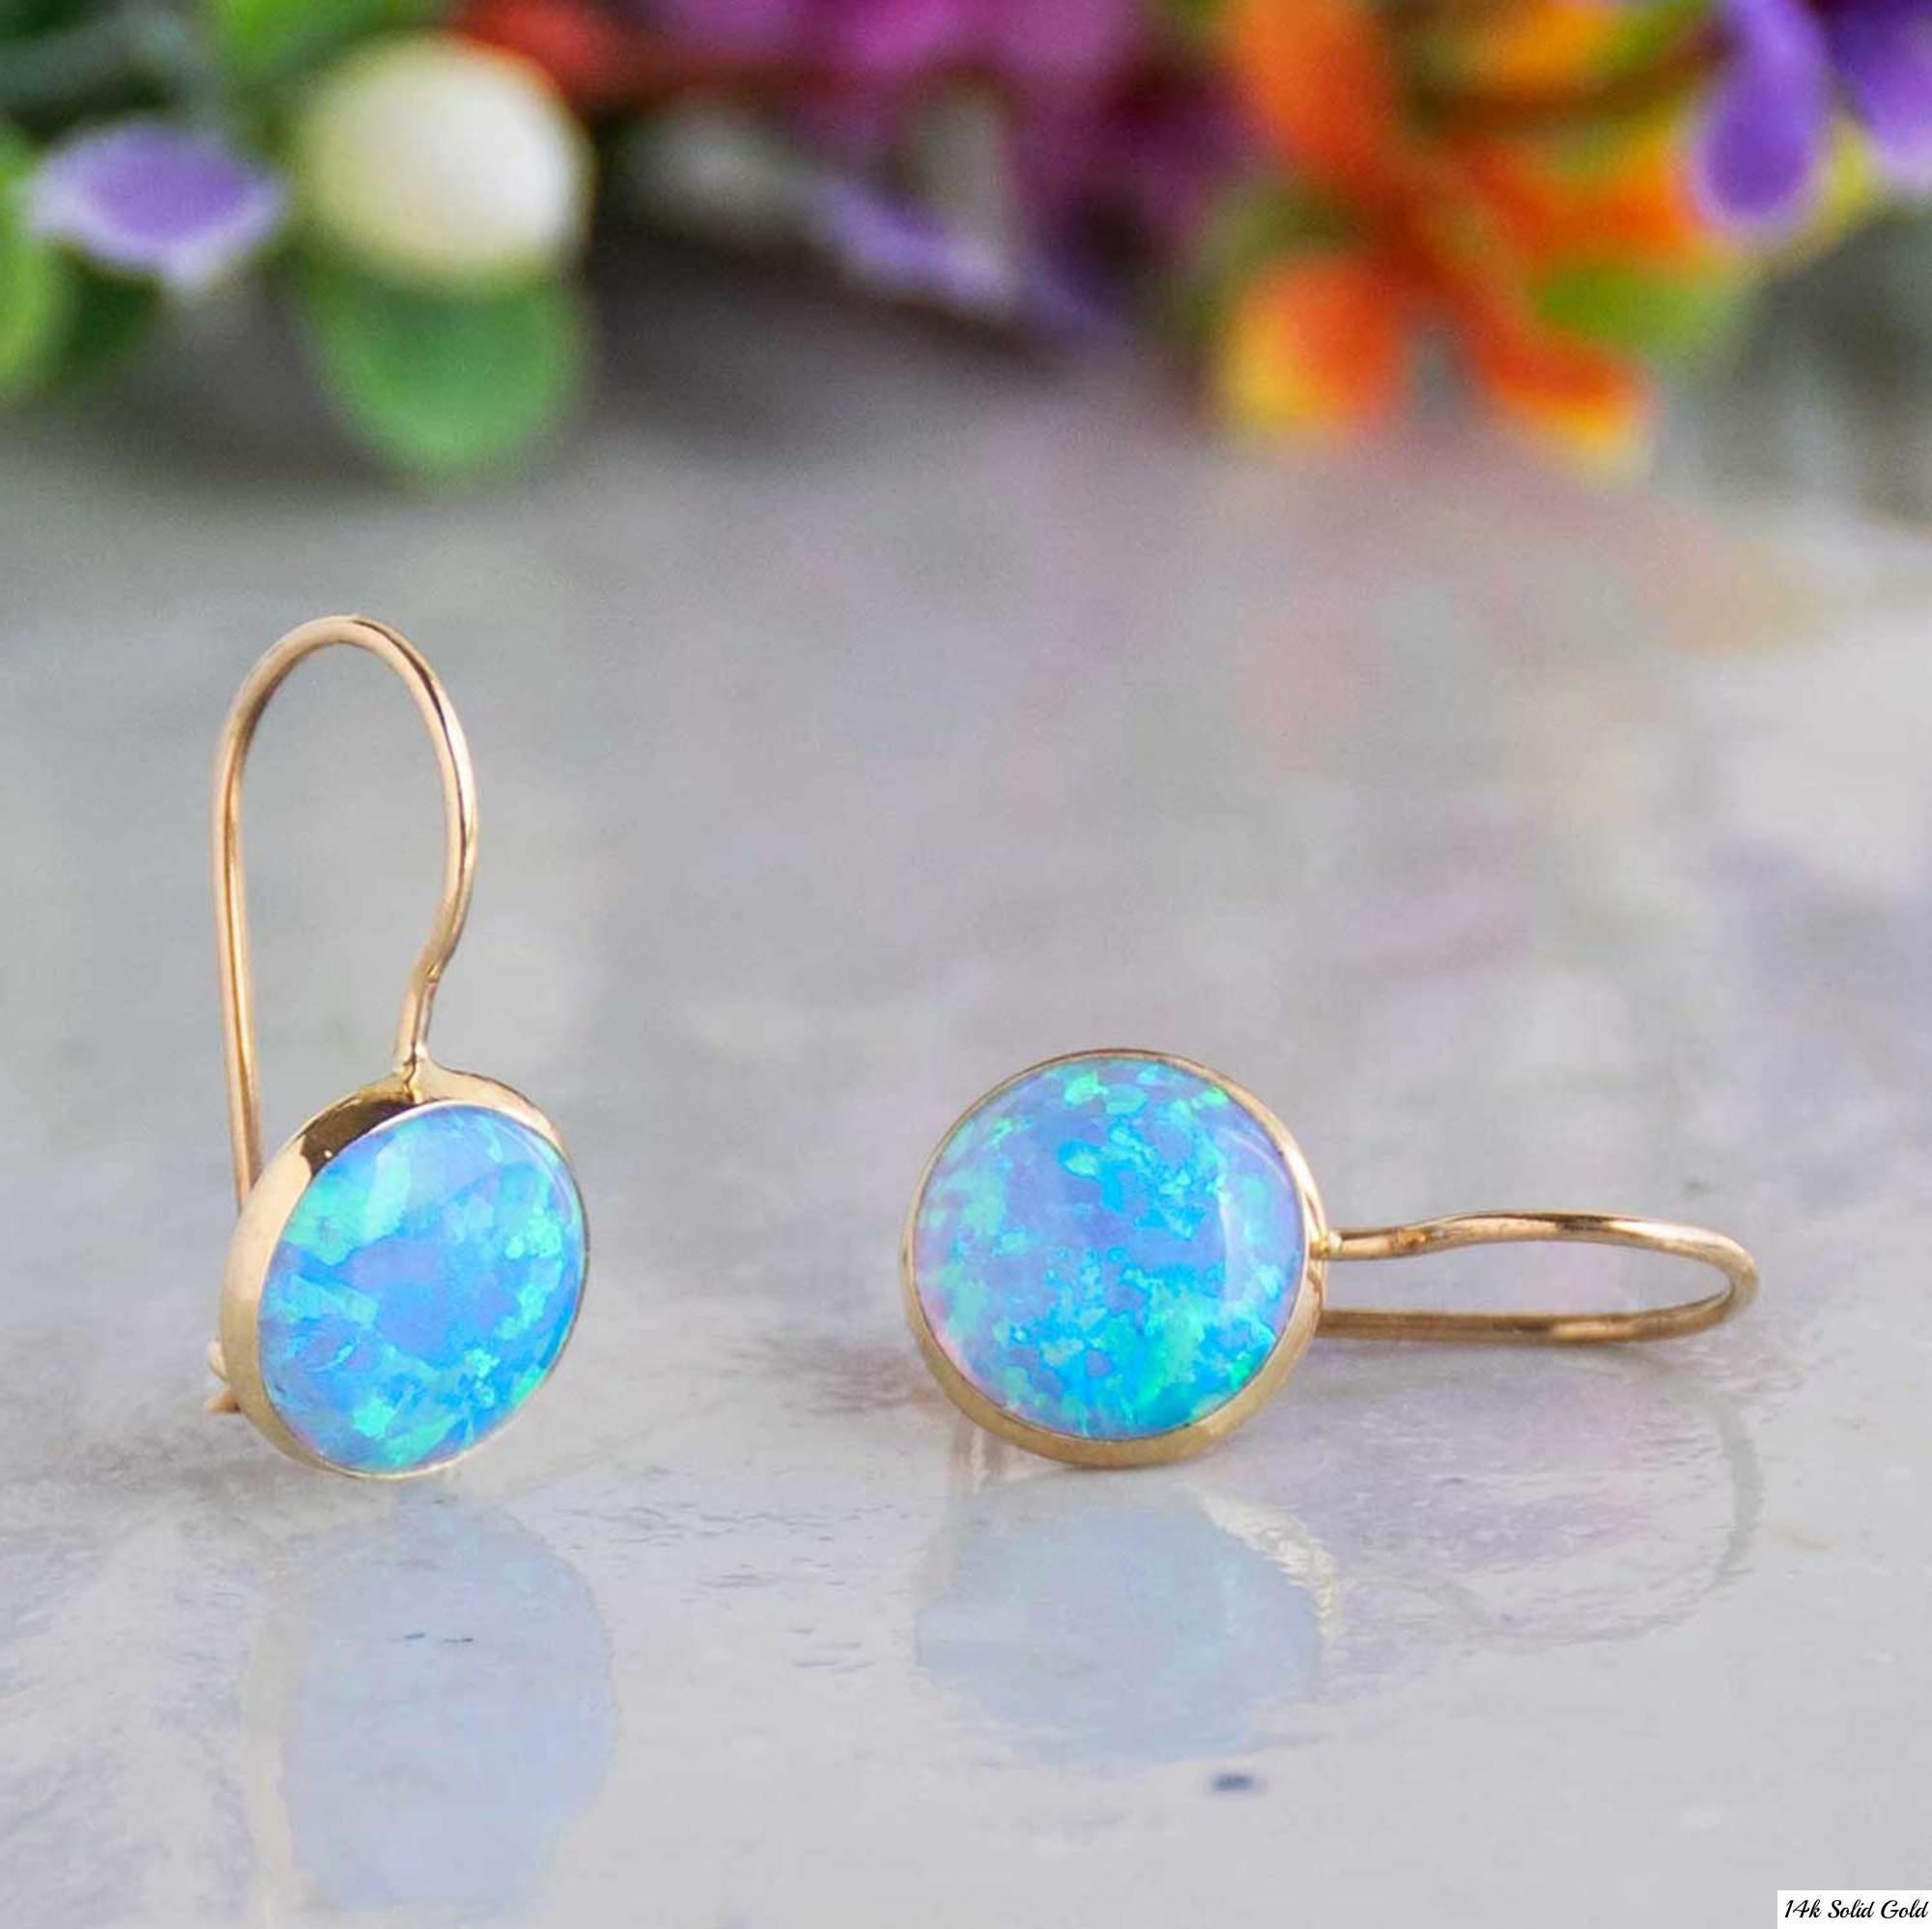 Blue Opal Earrings  Blue Opal Earrings Gemstone Earrings Opal Jewelry 14K Gold